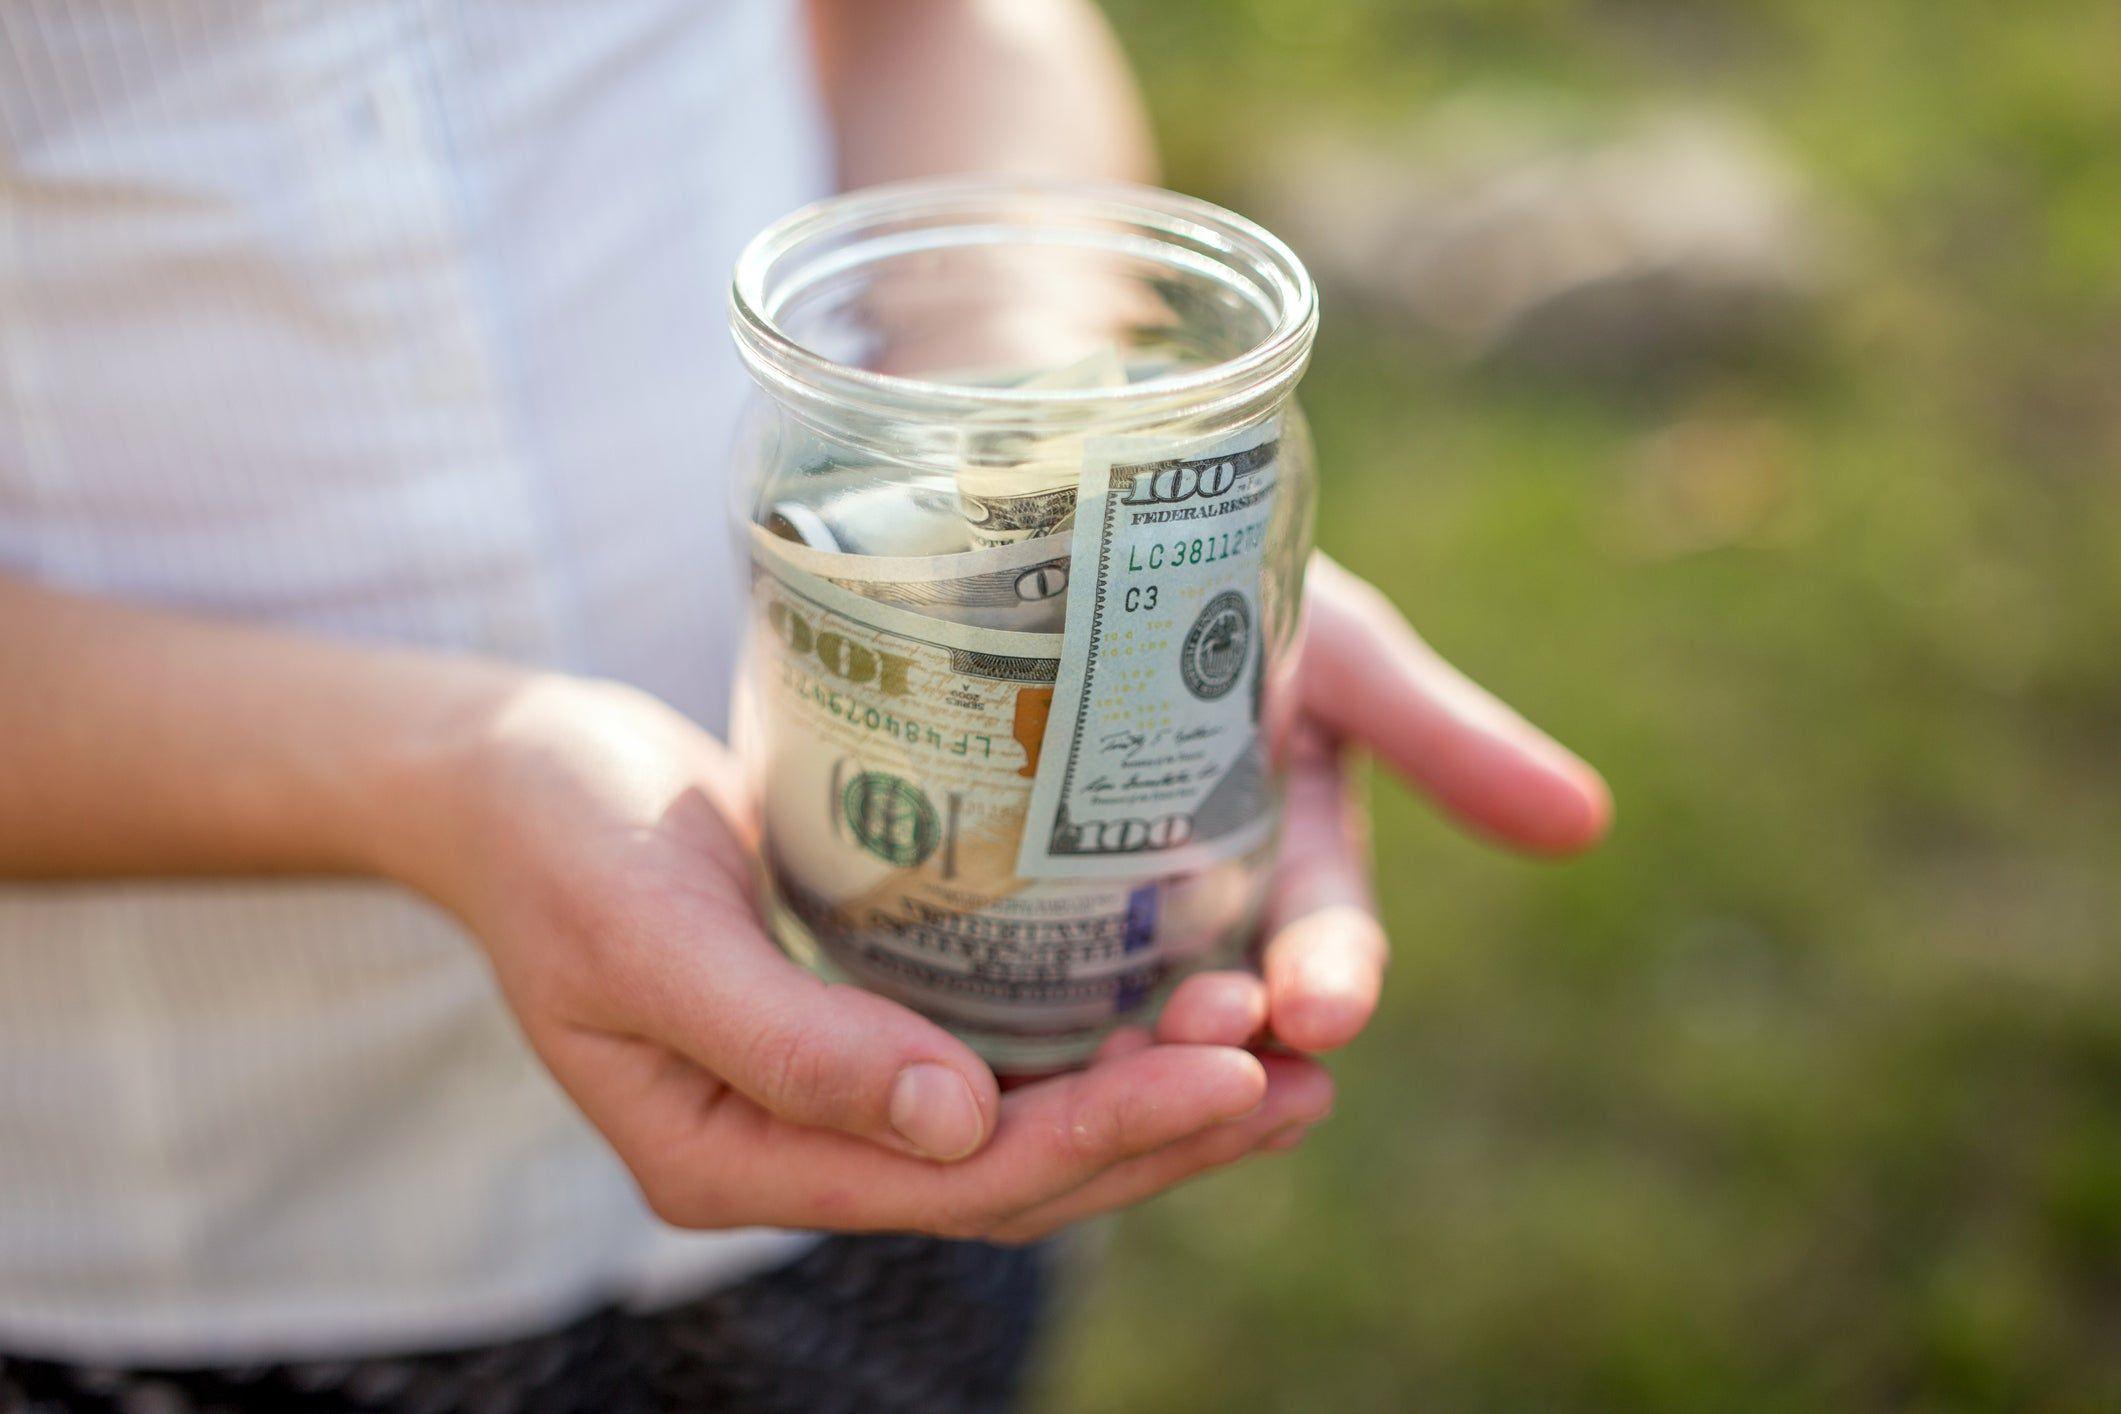 Menghadapi Resesi, Menabung atau Investasi? Pertimbangkan 5 Hal Ini